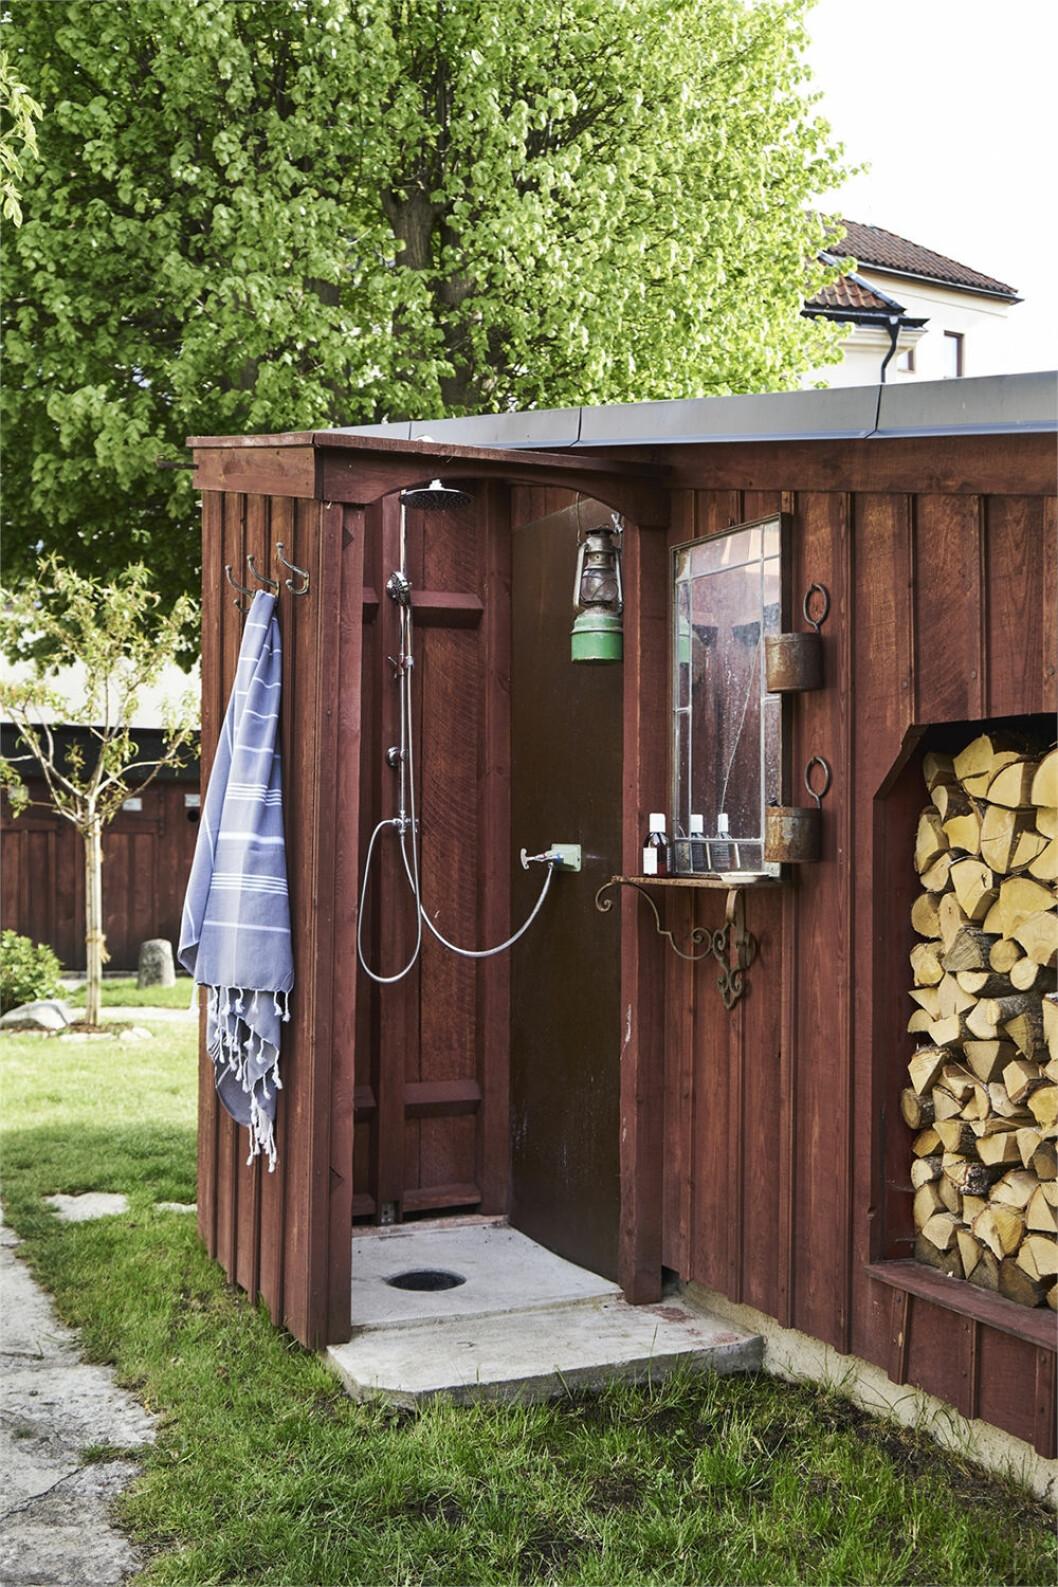 Snygg utomhusdusch i sommarhus